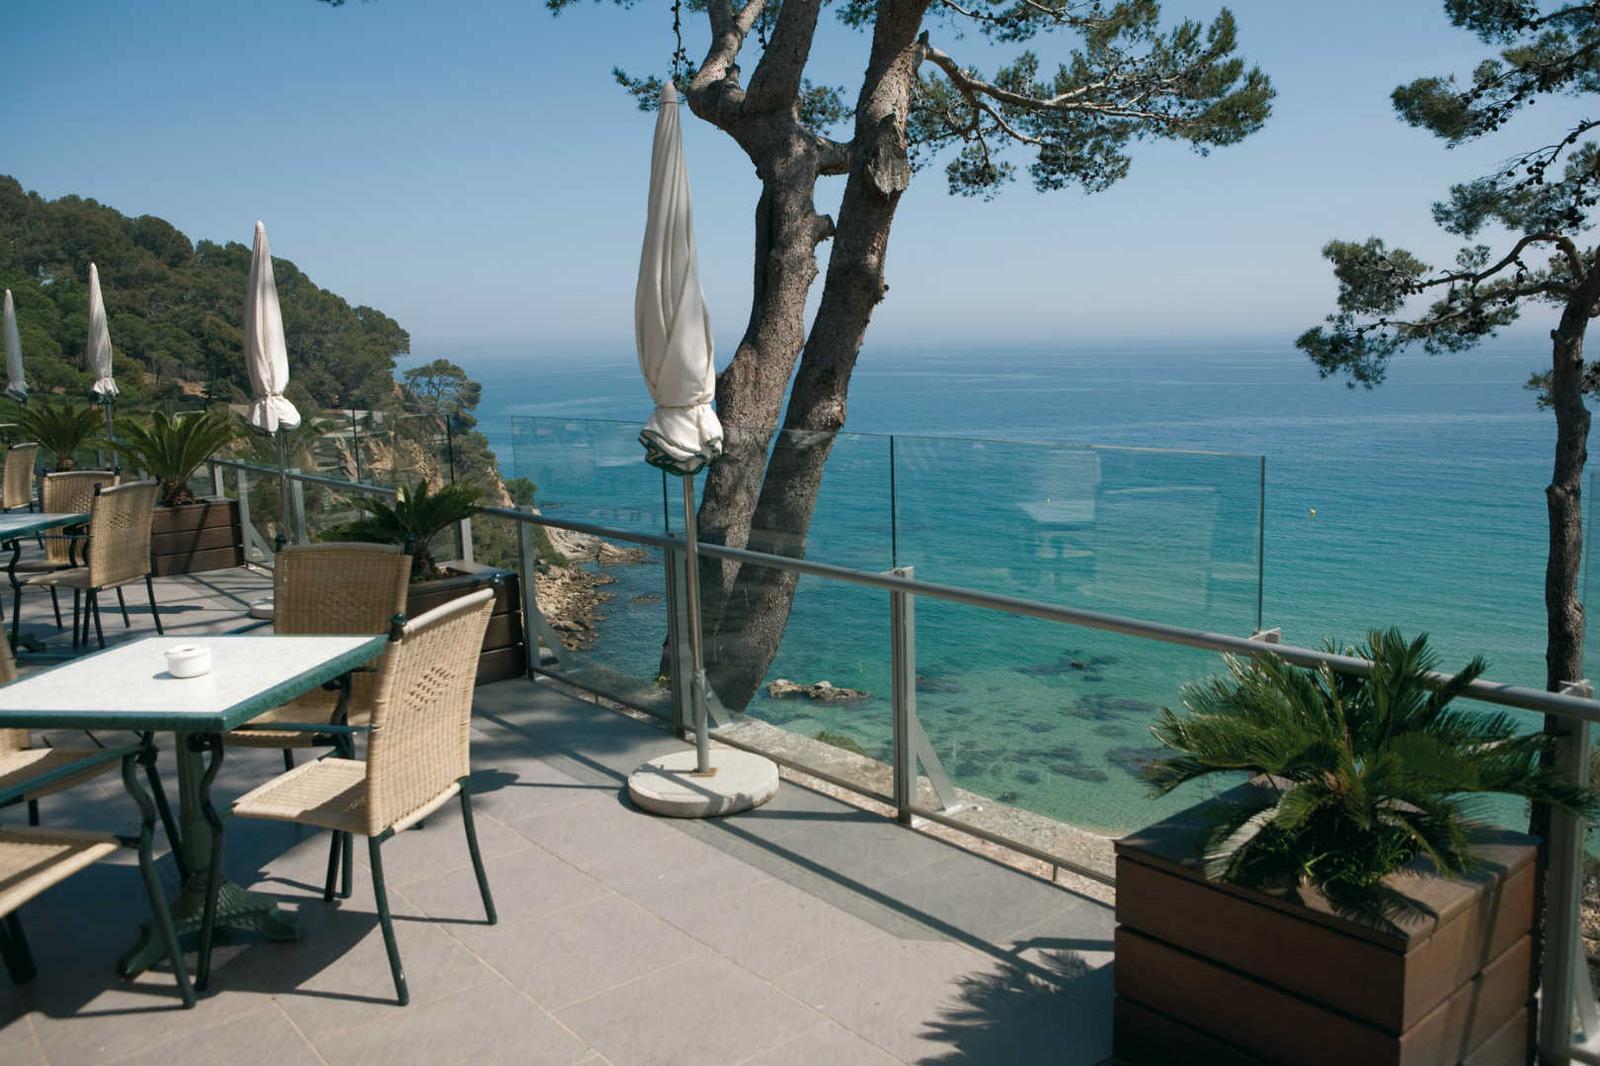 Terraza con vistas en Hotel Santa Marta en Costa Brava